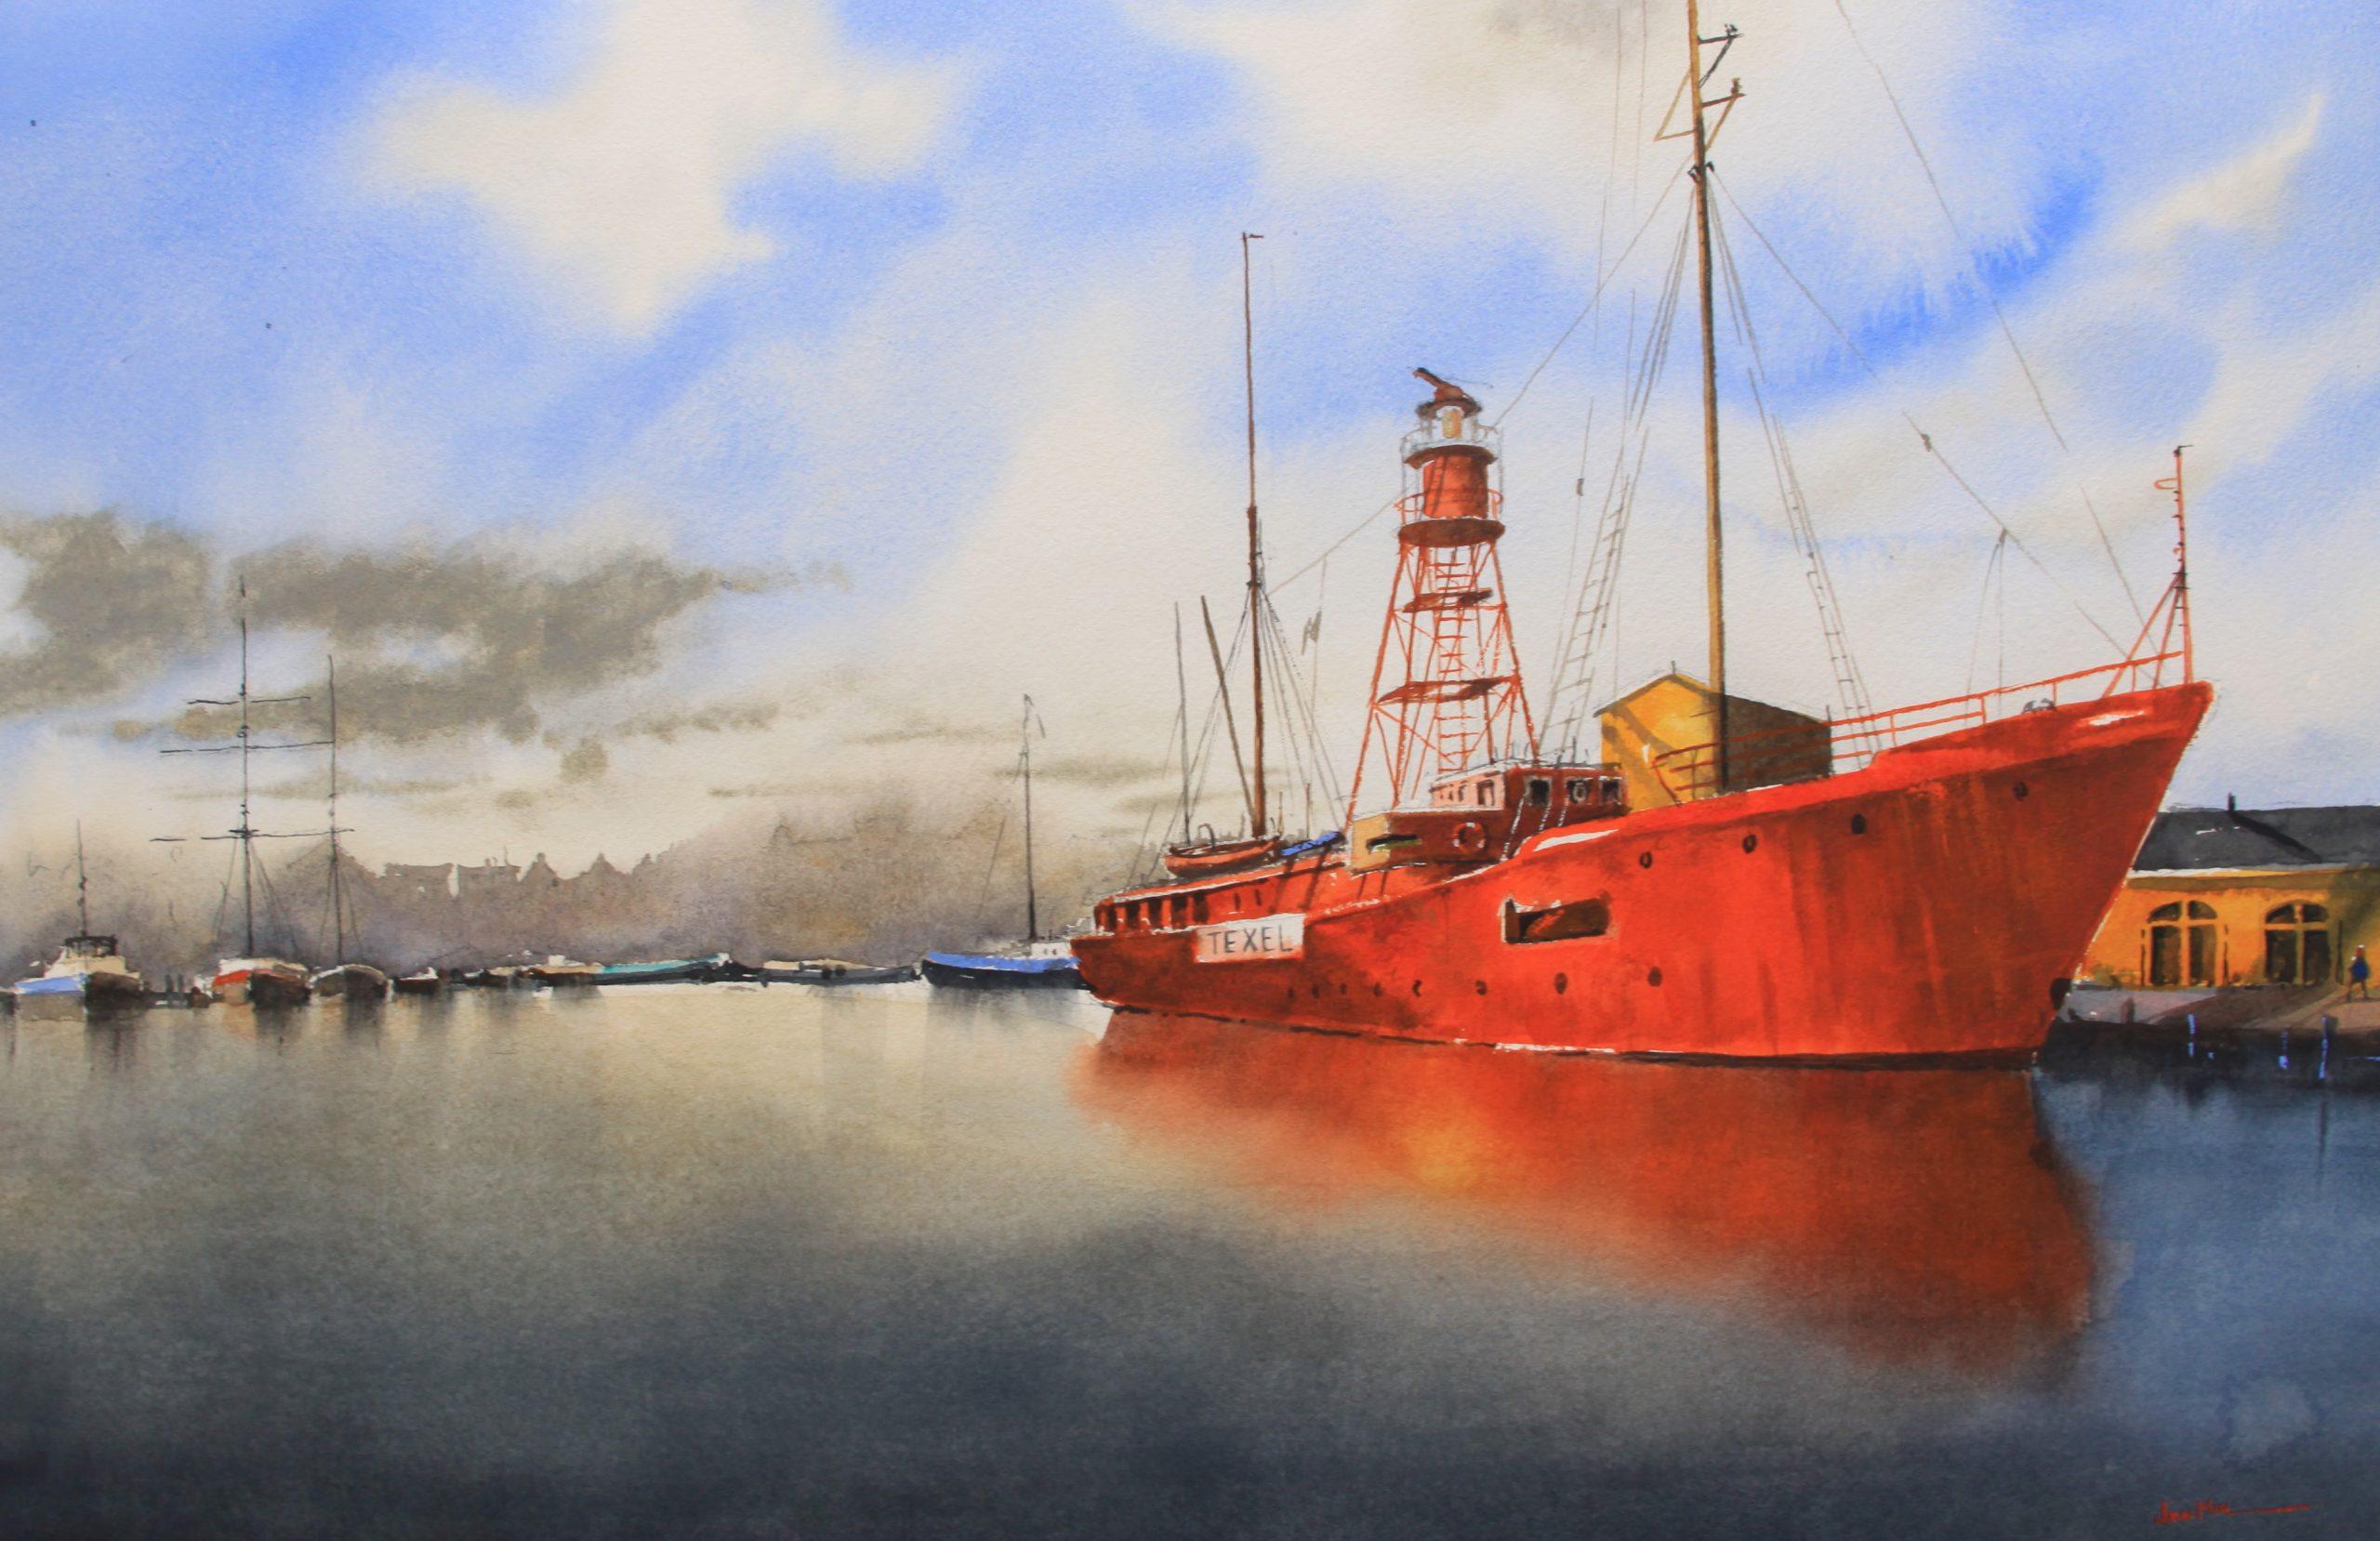 lichtschip Texel